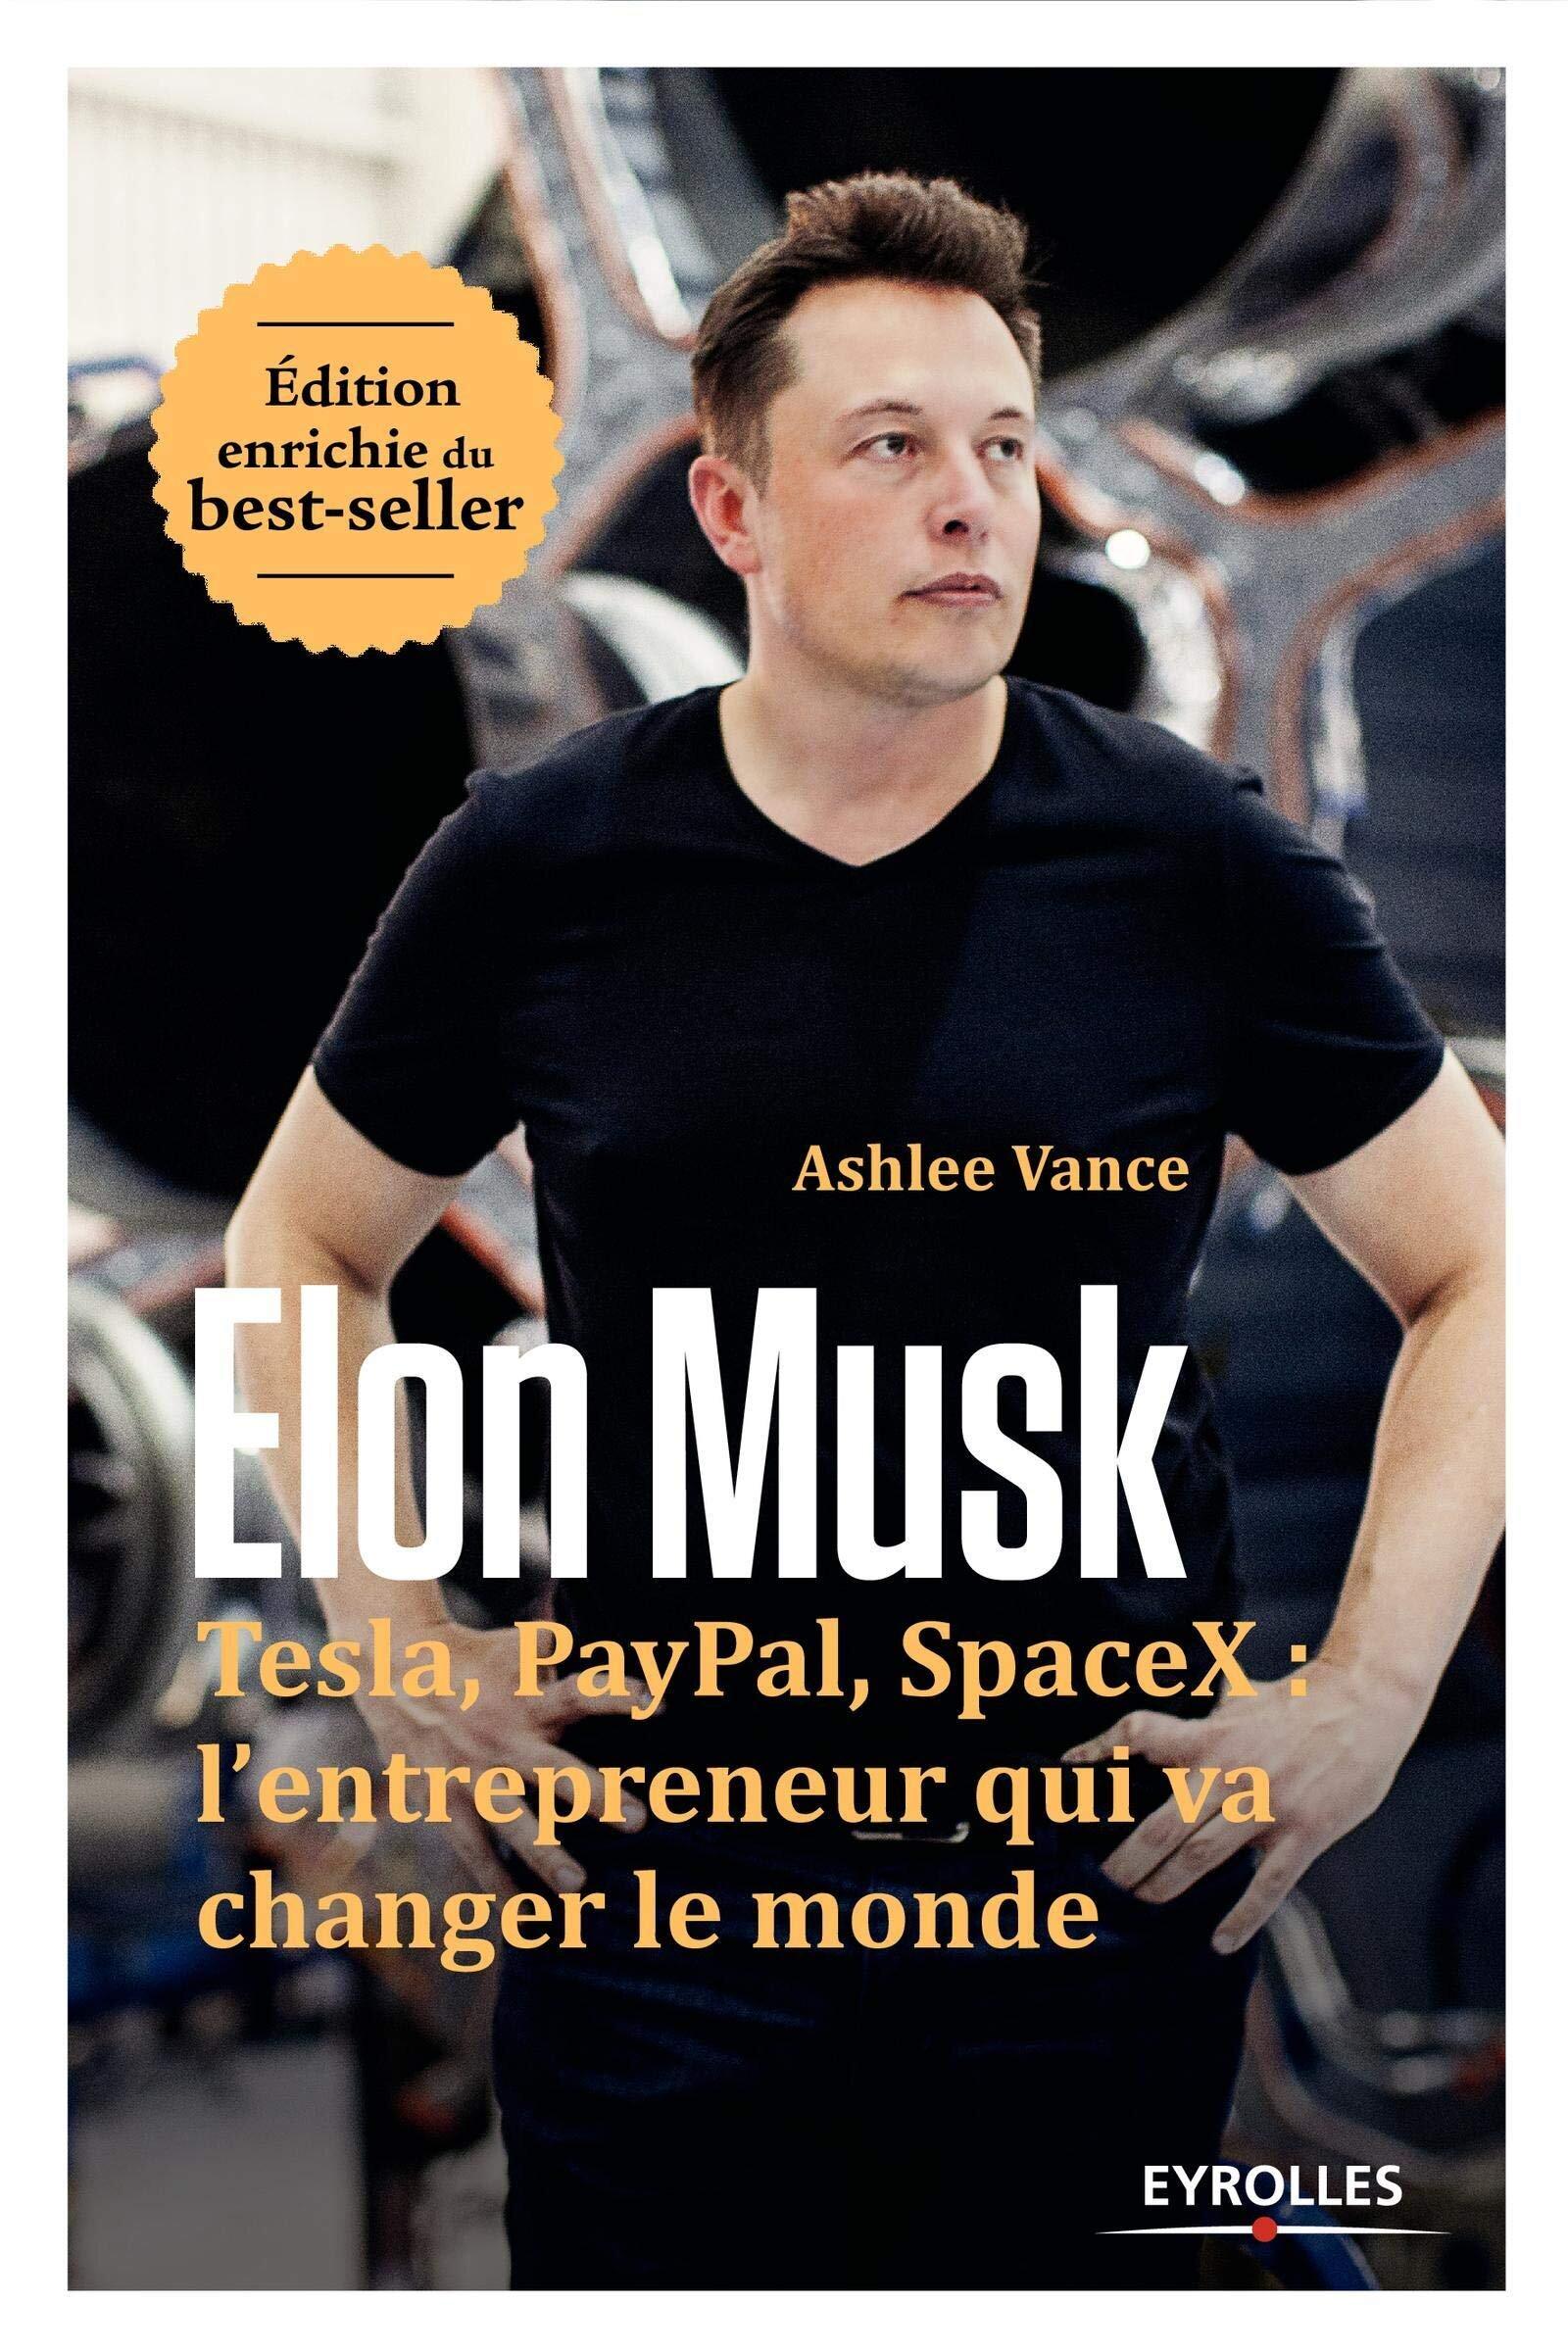 Résumé : - Elon Musk fait partie de ceux qui changent les règles du jeu. Largement considéré comme le plus grand industriel du moment, il porte l'innovation à des niveaux rarement atteints au point d'avoir servi de modèle pour Tony Stark, alias Iron man. Ashlee Vance nous conduit au plus près d'Elon Musk. Il montre toute l'intensité de cet homme, son génie tumultueux, sa folle exigence envers lui-même et ses équipes, depuis son enfance agitée en Afrique du Sud jusqu'à ses incroyables innovations techniques et réussites entrepreneuriales.À travers ce portrait d'un des titans de la Silicon Valley, ce livre met au jour les mutations rapides et inéluctables de nos modèles industriels. Car ce ne sont plus seulement des réseaux sociaux ou des messages en 140 signes qui sont proposés par cette nouvelle économie, mais des voitures, des trains, des fusées. Visionnaire ? Mégalomane ? Elon Musk dessine en tout cas les contours du xxie siècle.